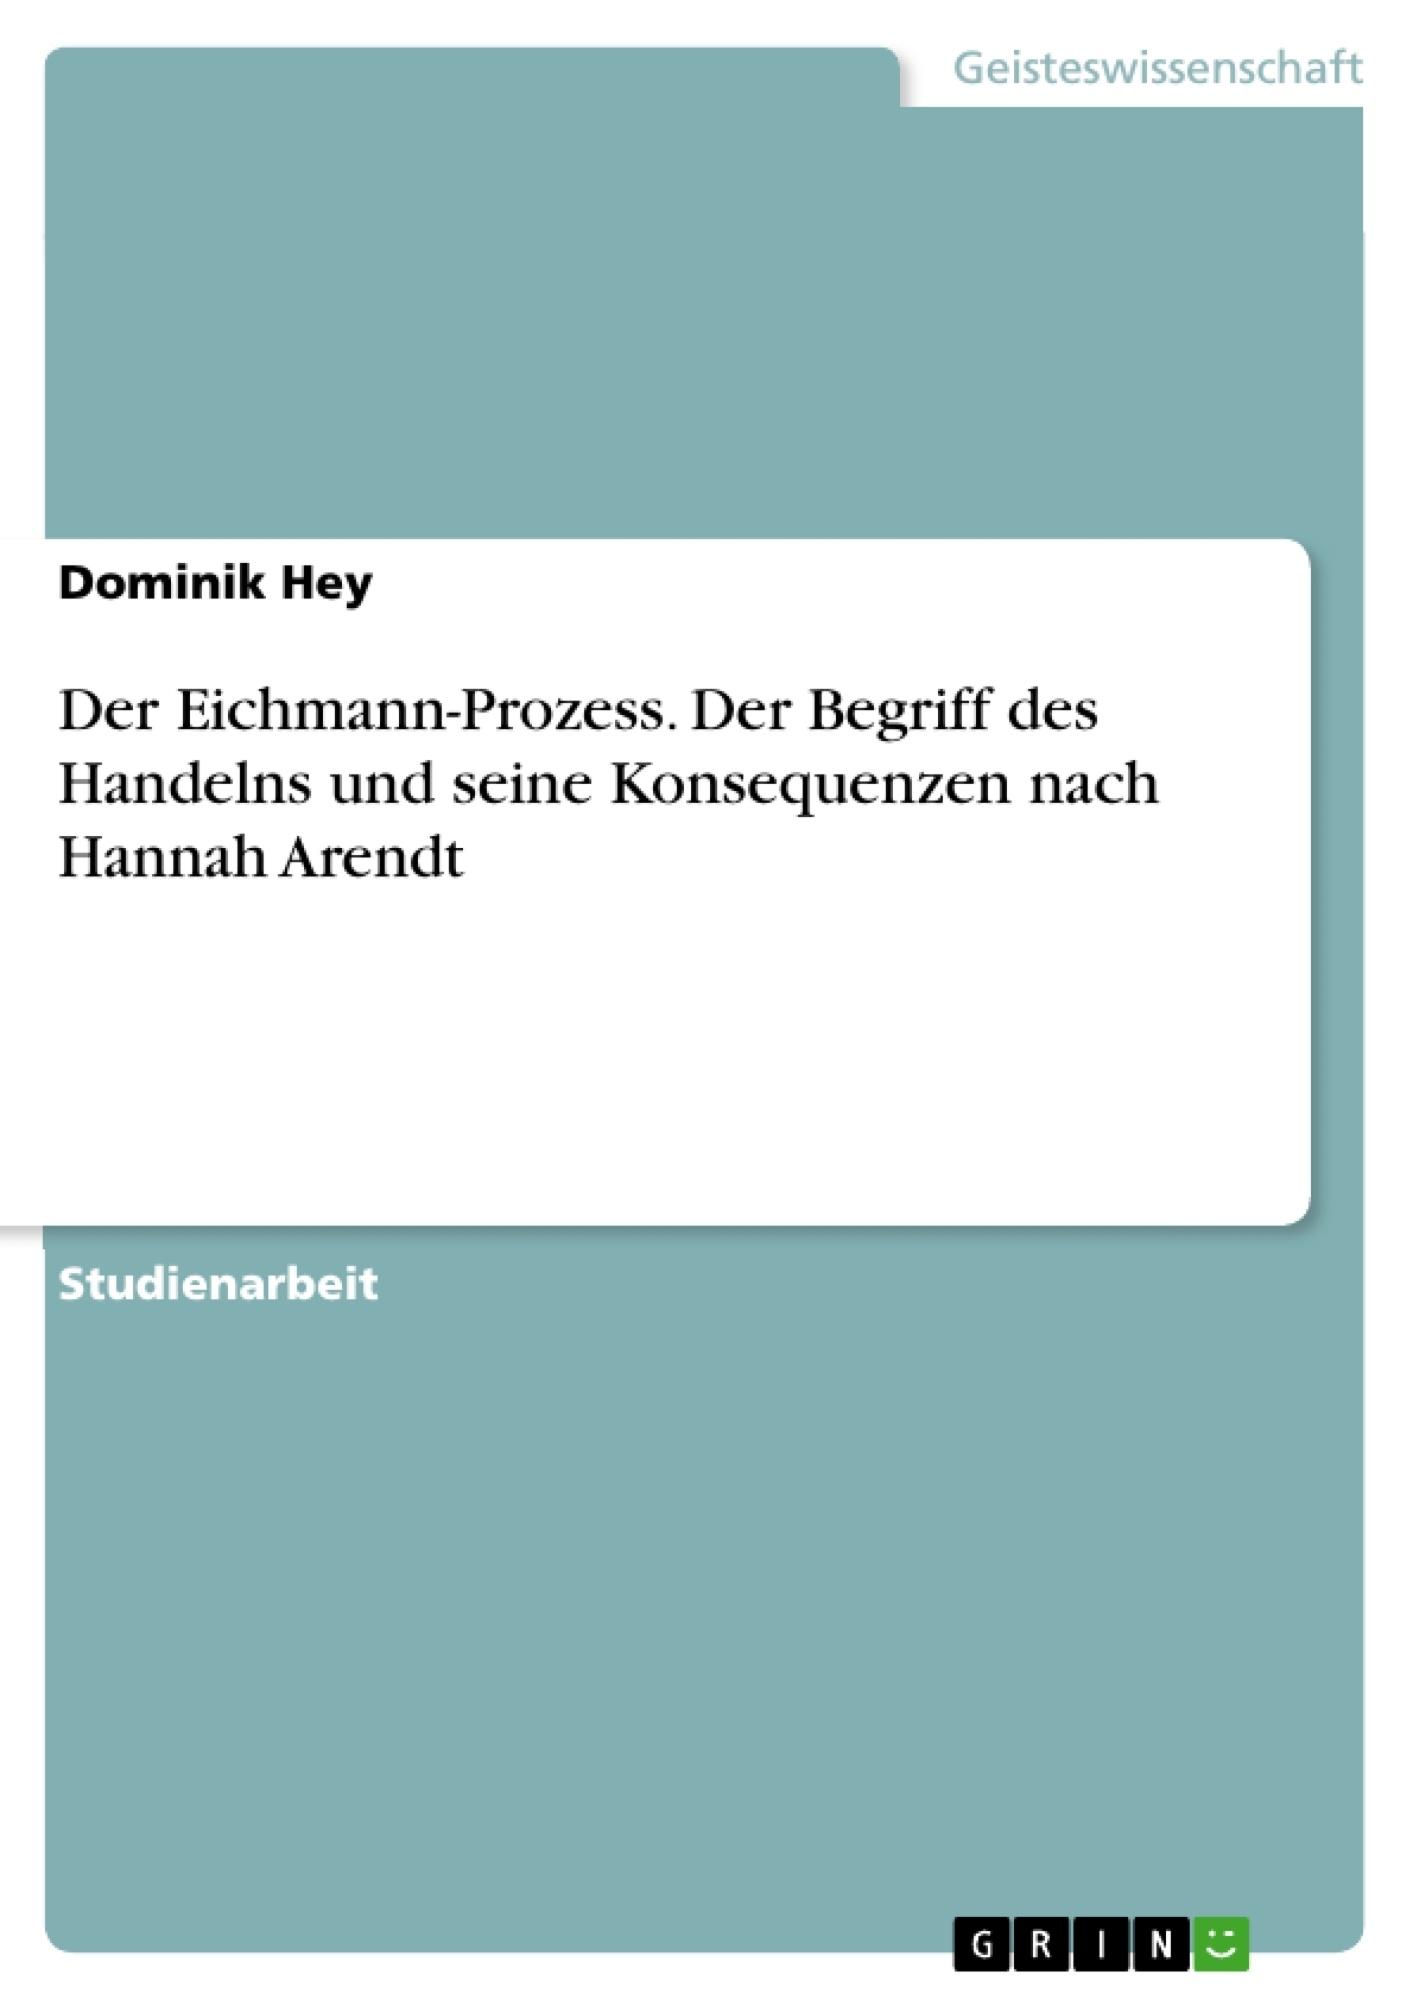 Titel: Der Eichmann-Prozess. Der Begriff des Handelns und seine Konsequenzen nach Hannah Arendt